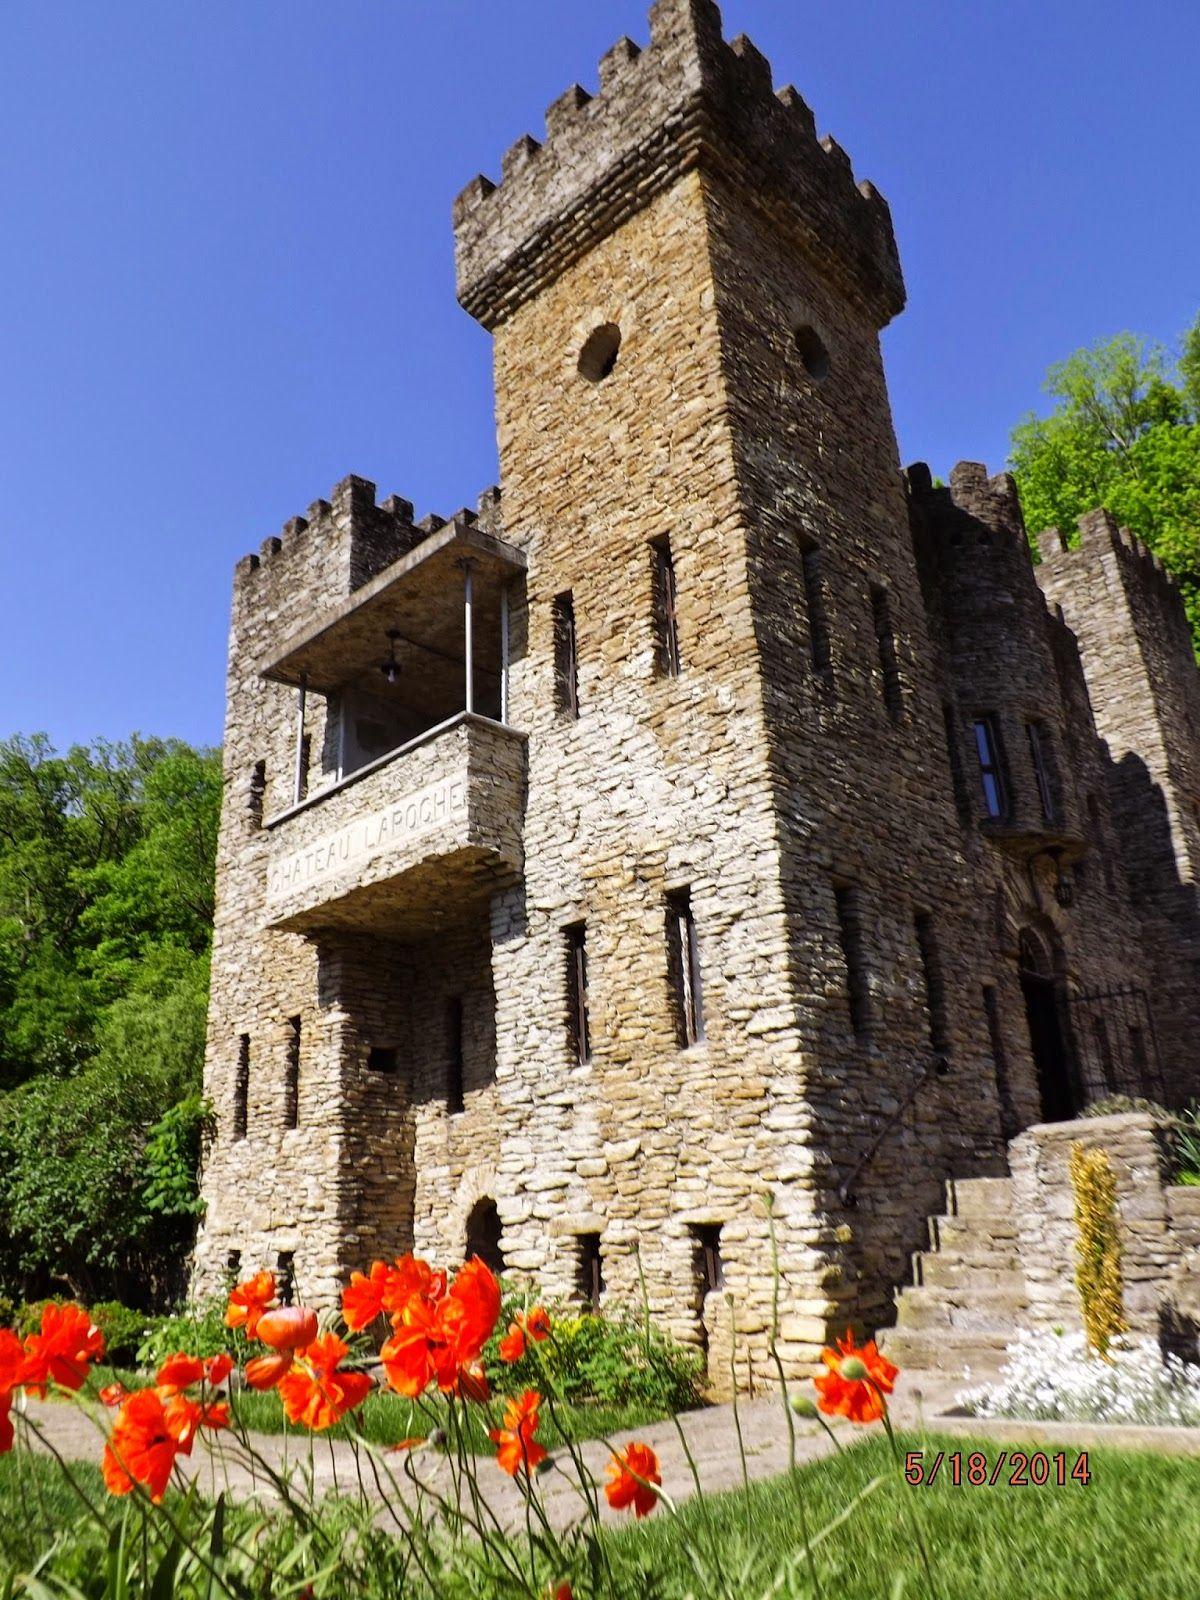 Loveland Castle Gardens Loveland castle, Castle garden